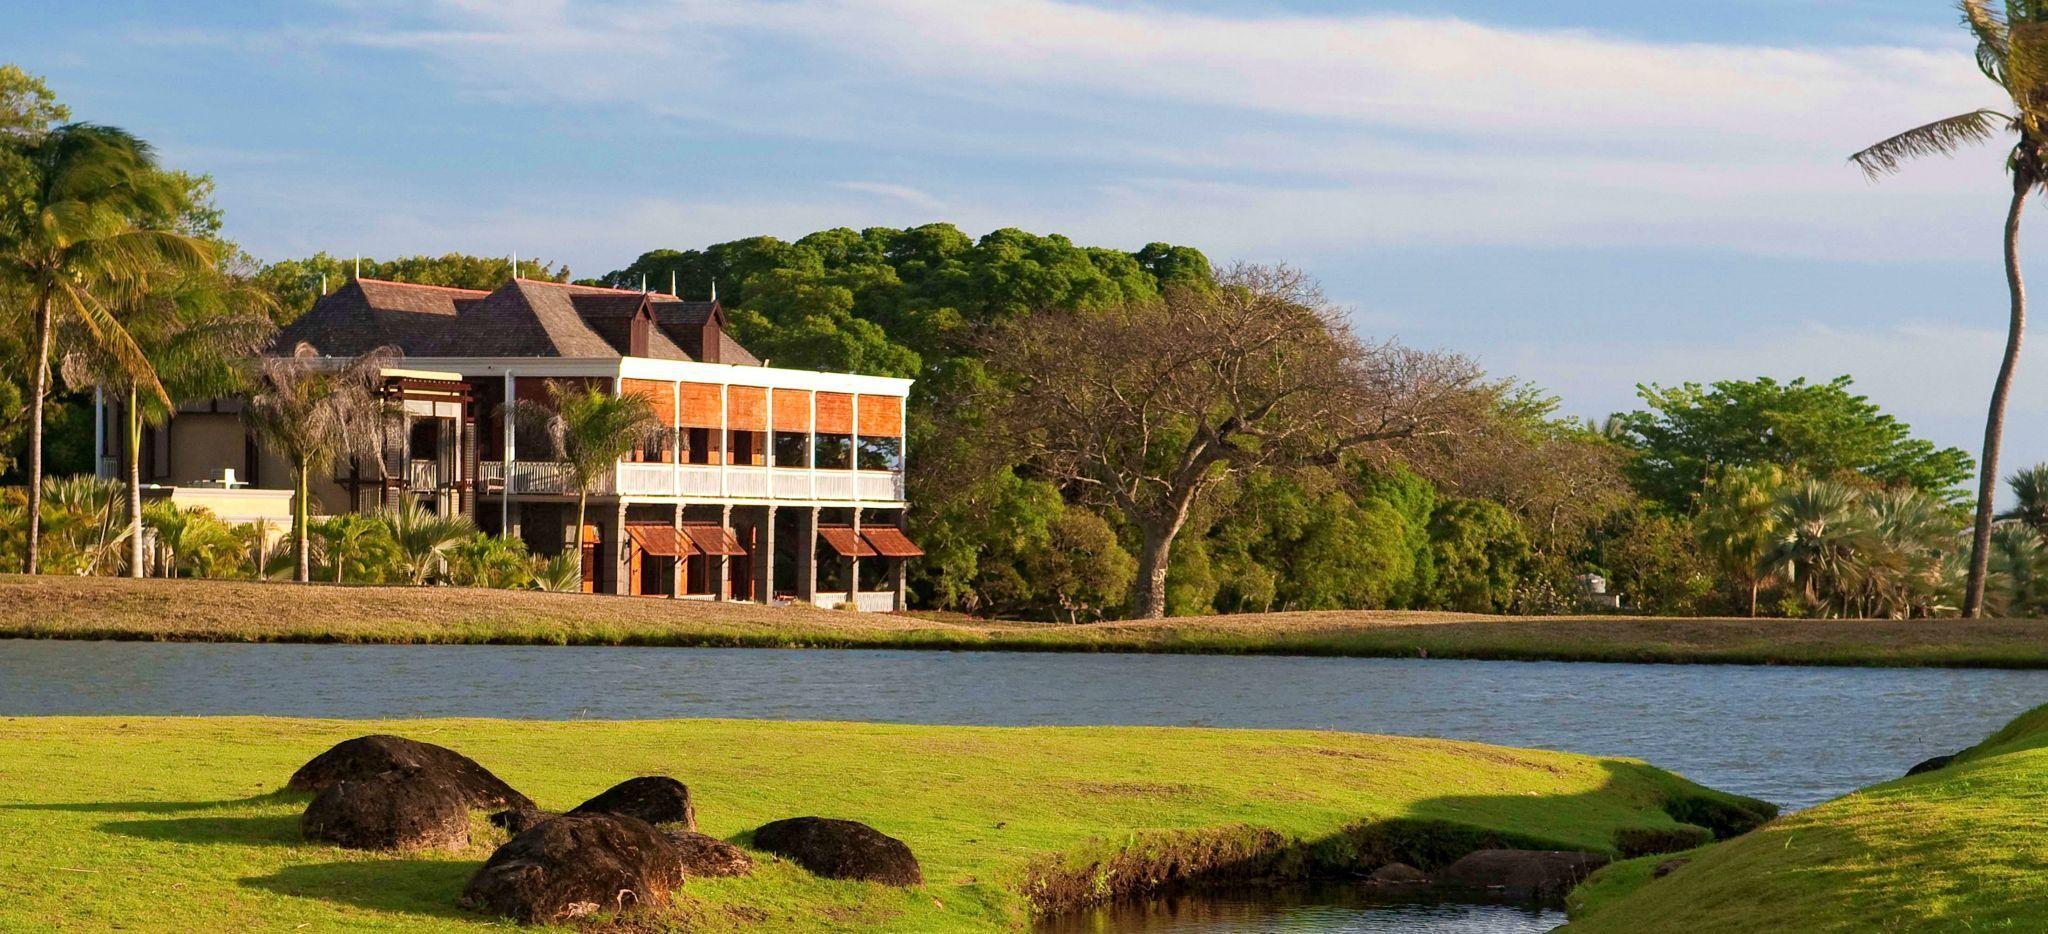 Ein Hotelgäude im tropischen Wald hinter einem kleinen See